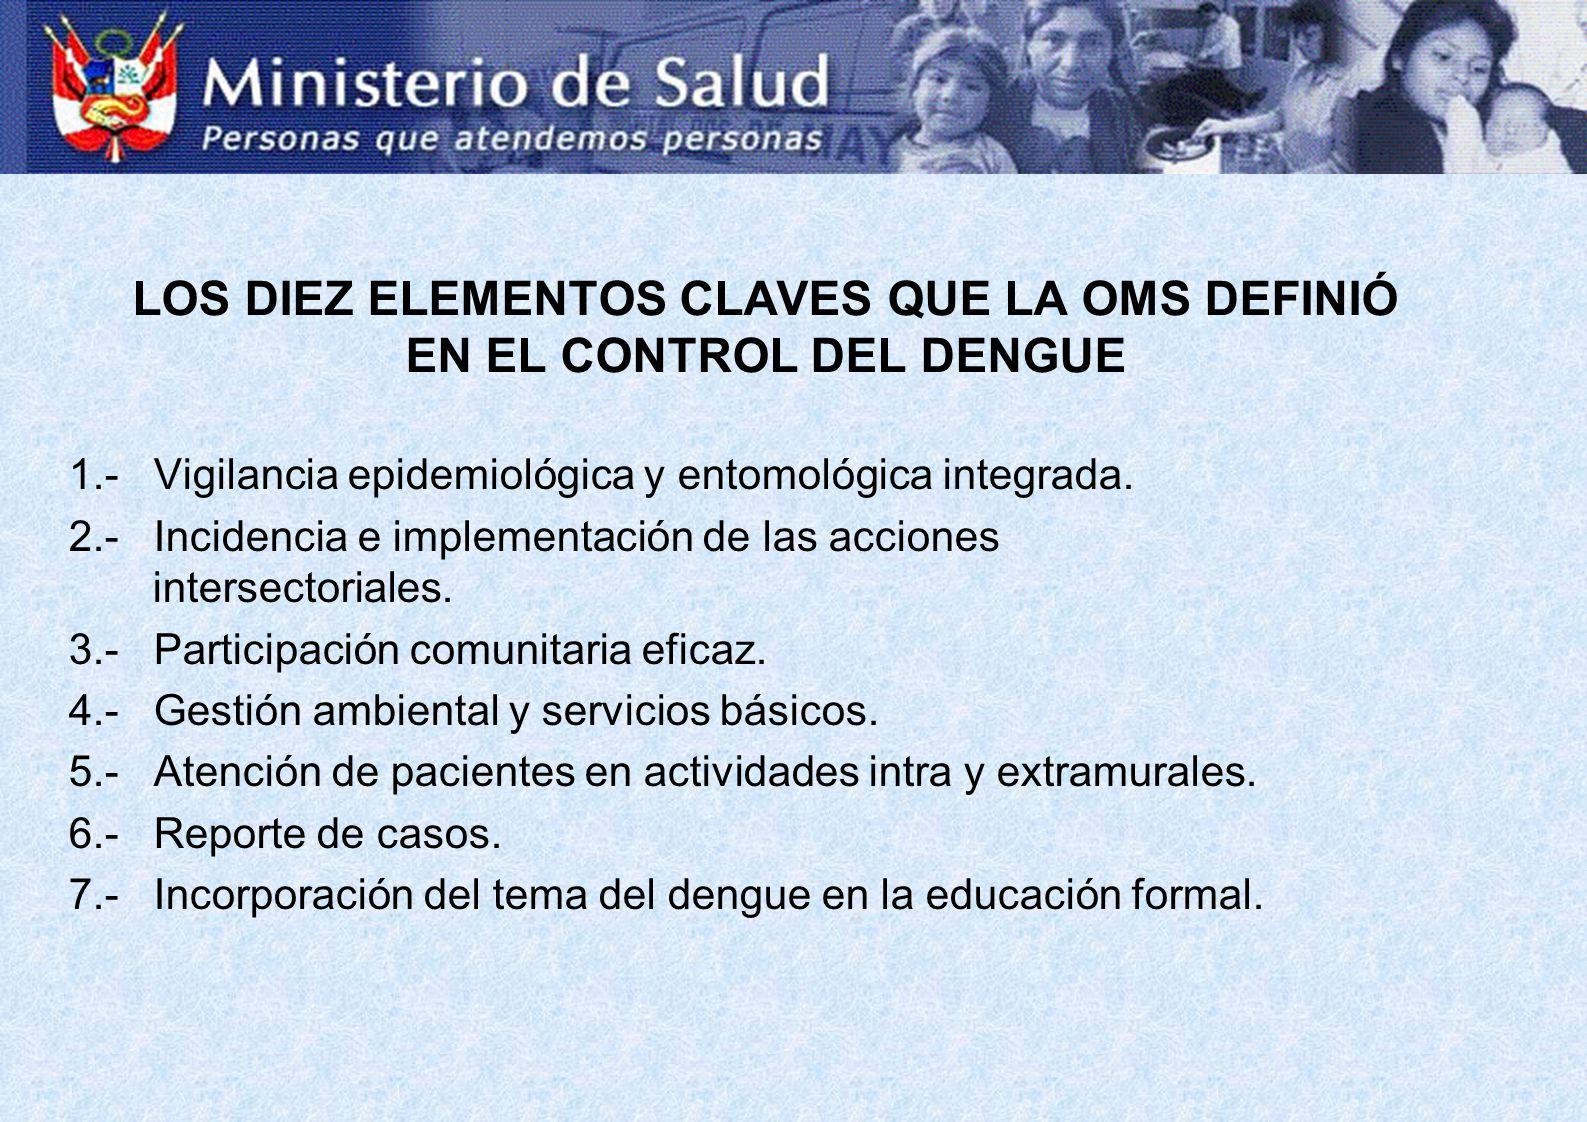 LOS DIEZ ELEMENTOS CLAVES QUE LA OMS DEFINIÓ EN EL CONTROL DEL DENGUE 1.- Vigilancia epidemiológica y entomológica integrada.